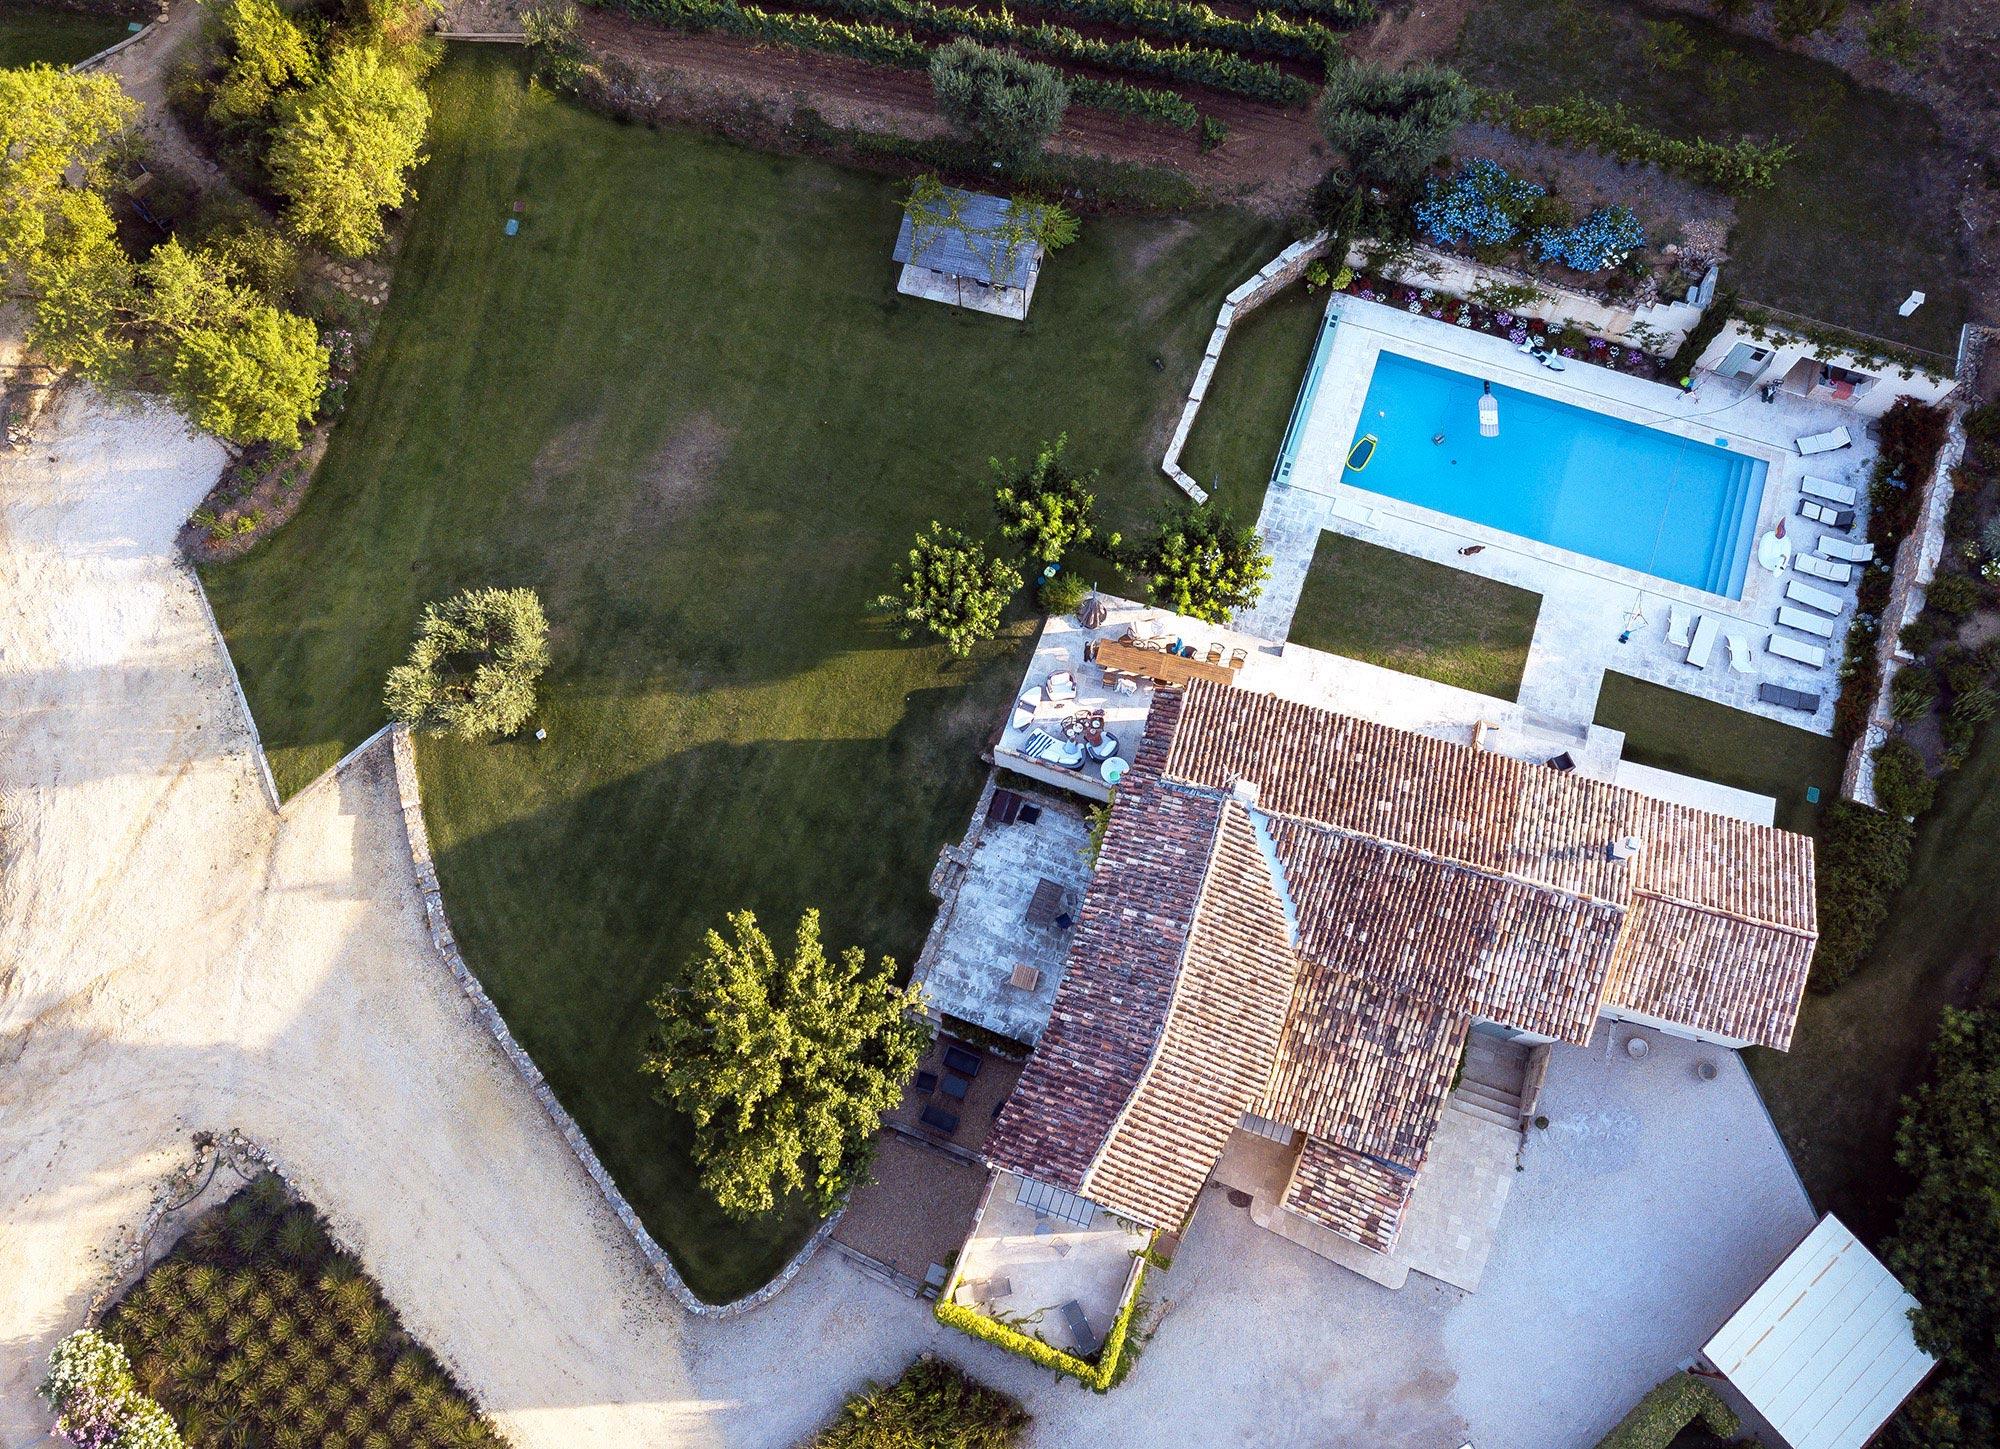 Vue aérienne d'une villa provençale en tuiles oranges et piscine extérieure